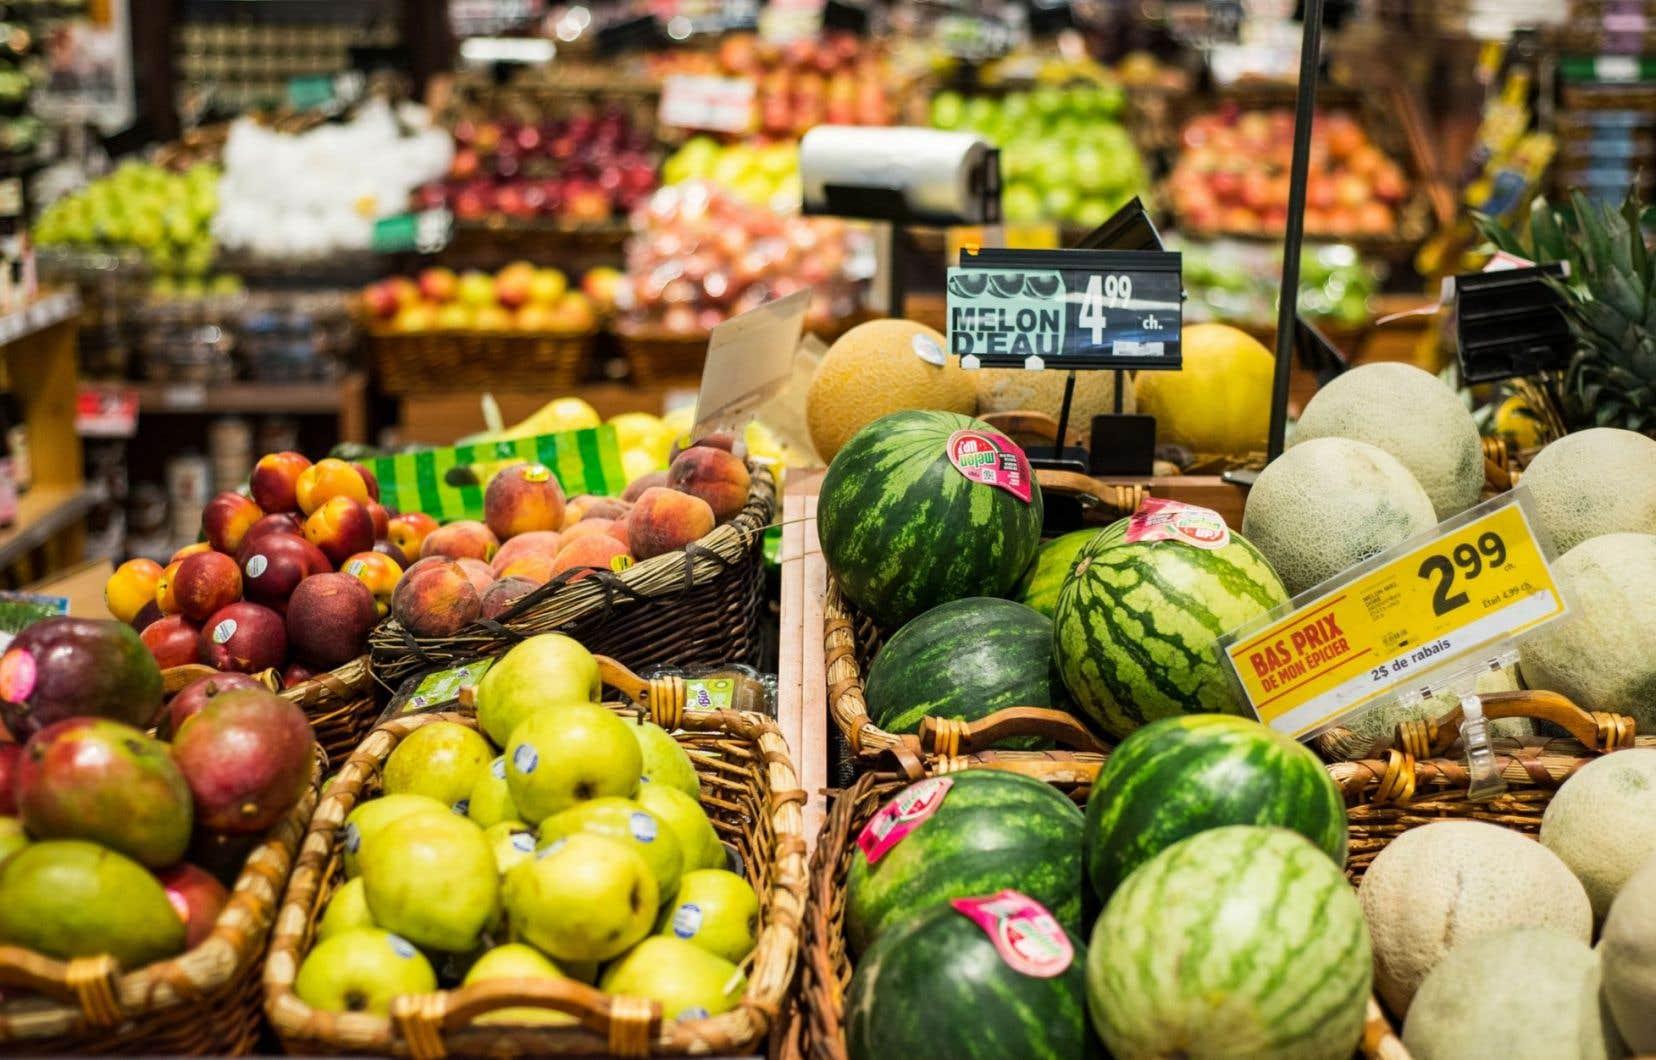 Si la source de l'éclosion du parasite Cyclospora reste à déterminer, les autorités portent leur attention sur les fruits et légumes frais importés.<br />